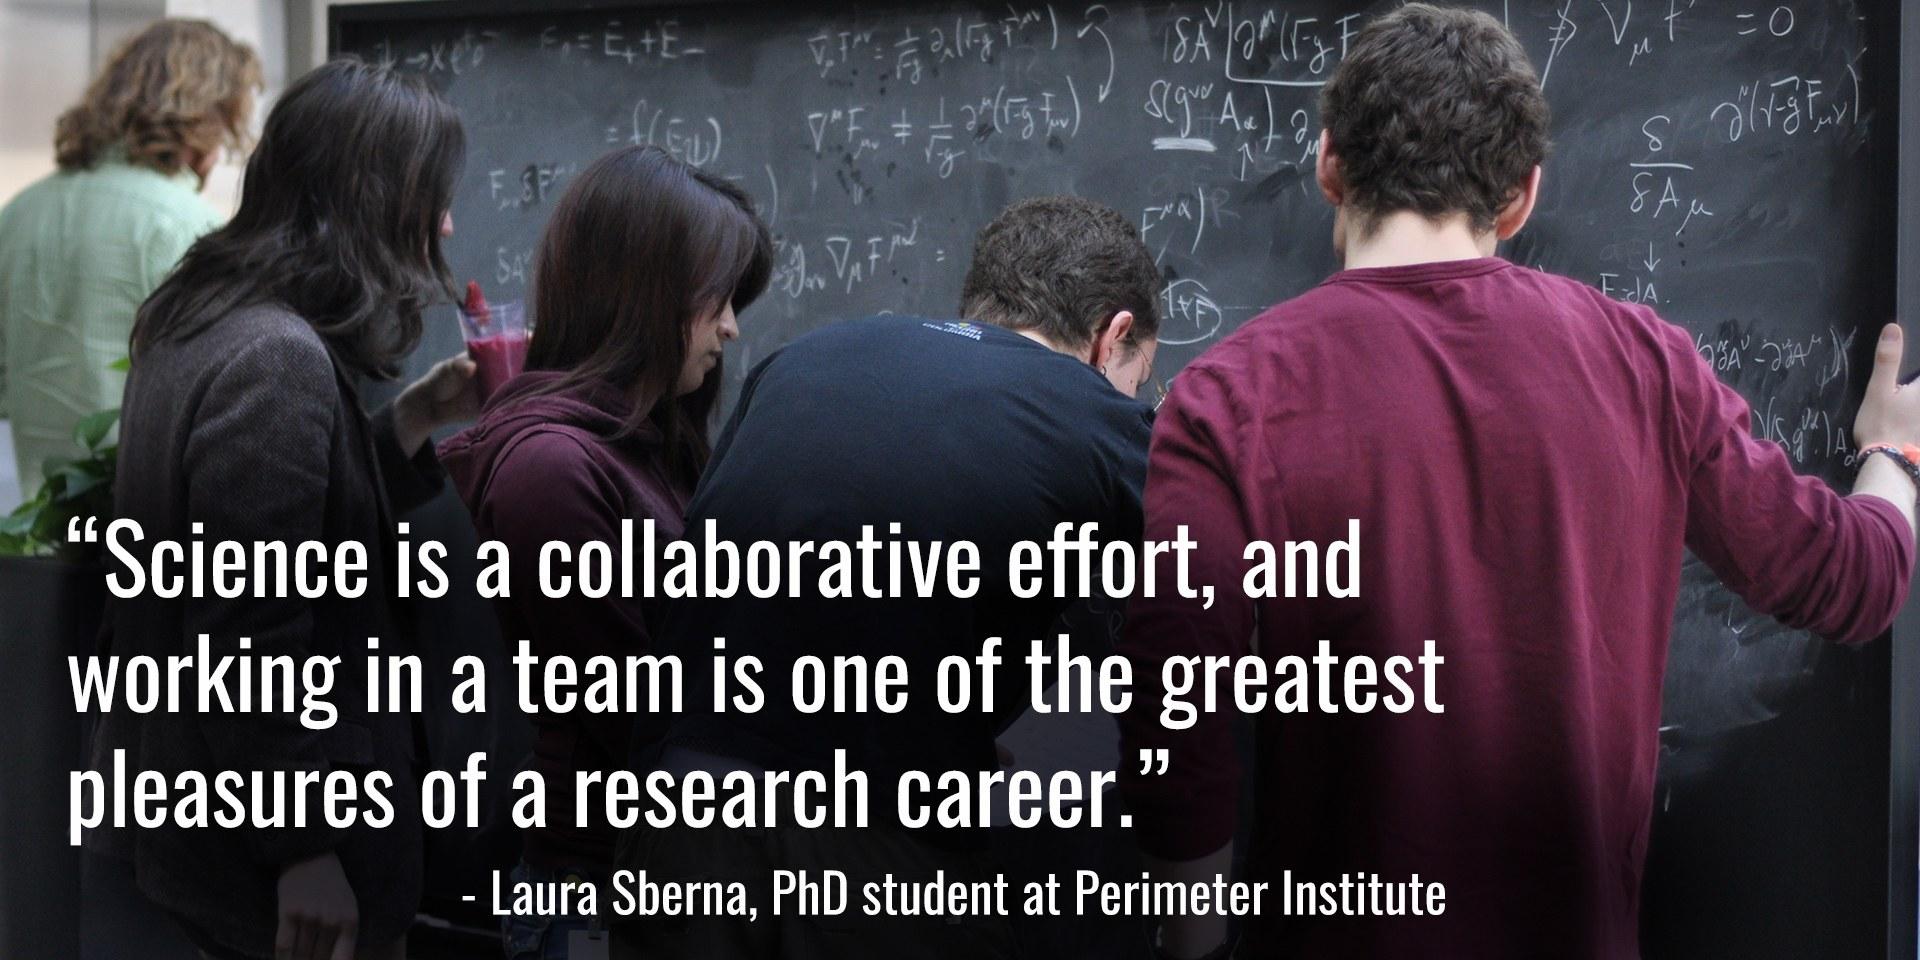 « La science est une question de collaboration, et le travail au sein d'une équipe est l'un des plus grands plaisirs d'une carrière en recherche. » [traduction] – Laura Sberna, doctorante à l'Institut Périmètre